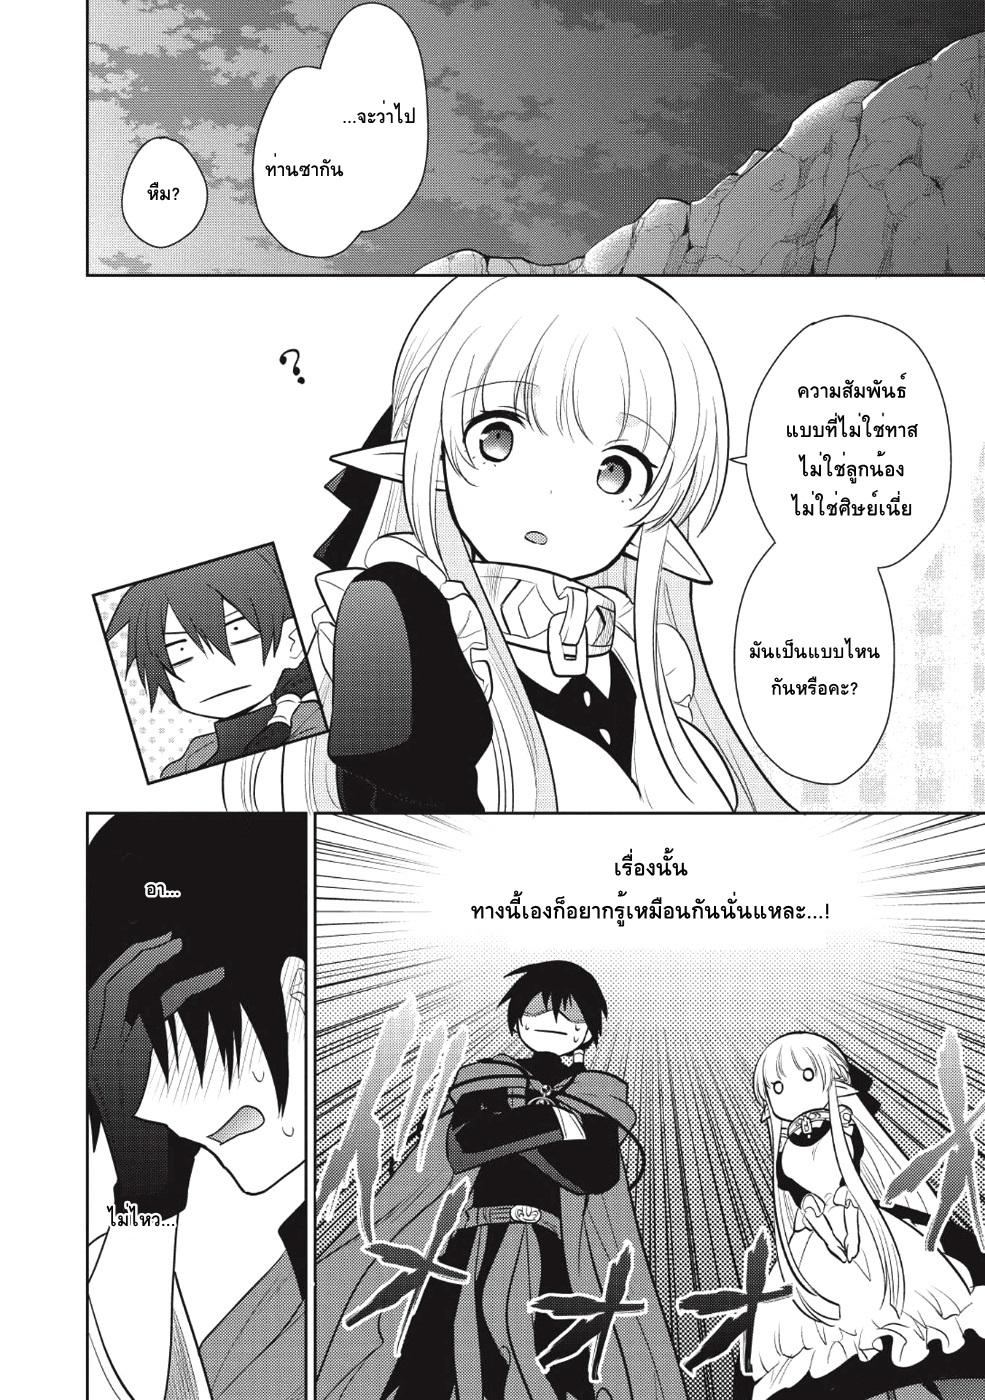 อ่านการ์ตูน Maou no Ore ga Dorei Elf wo Yome ni Shitanda ga Dou Medereba Ii ตอนที่ 13 หน้าที่ 21